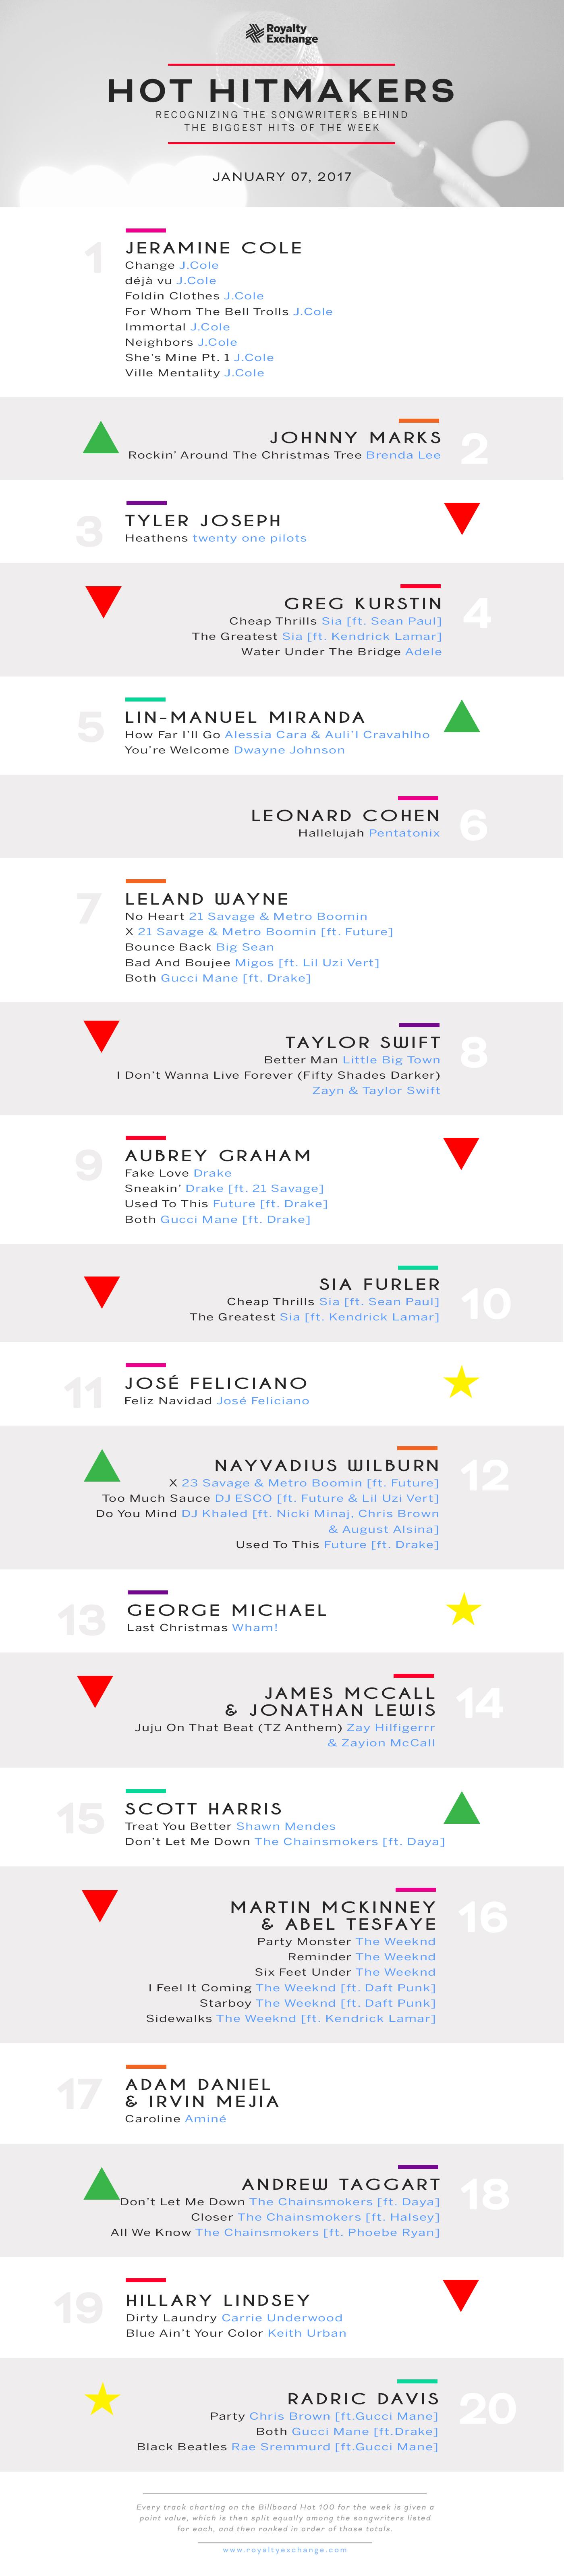 Hot Hitmakers Jan. 7